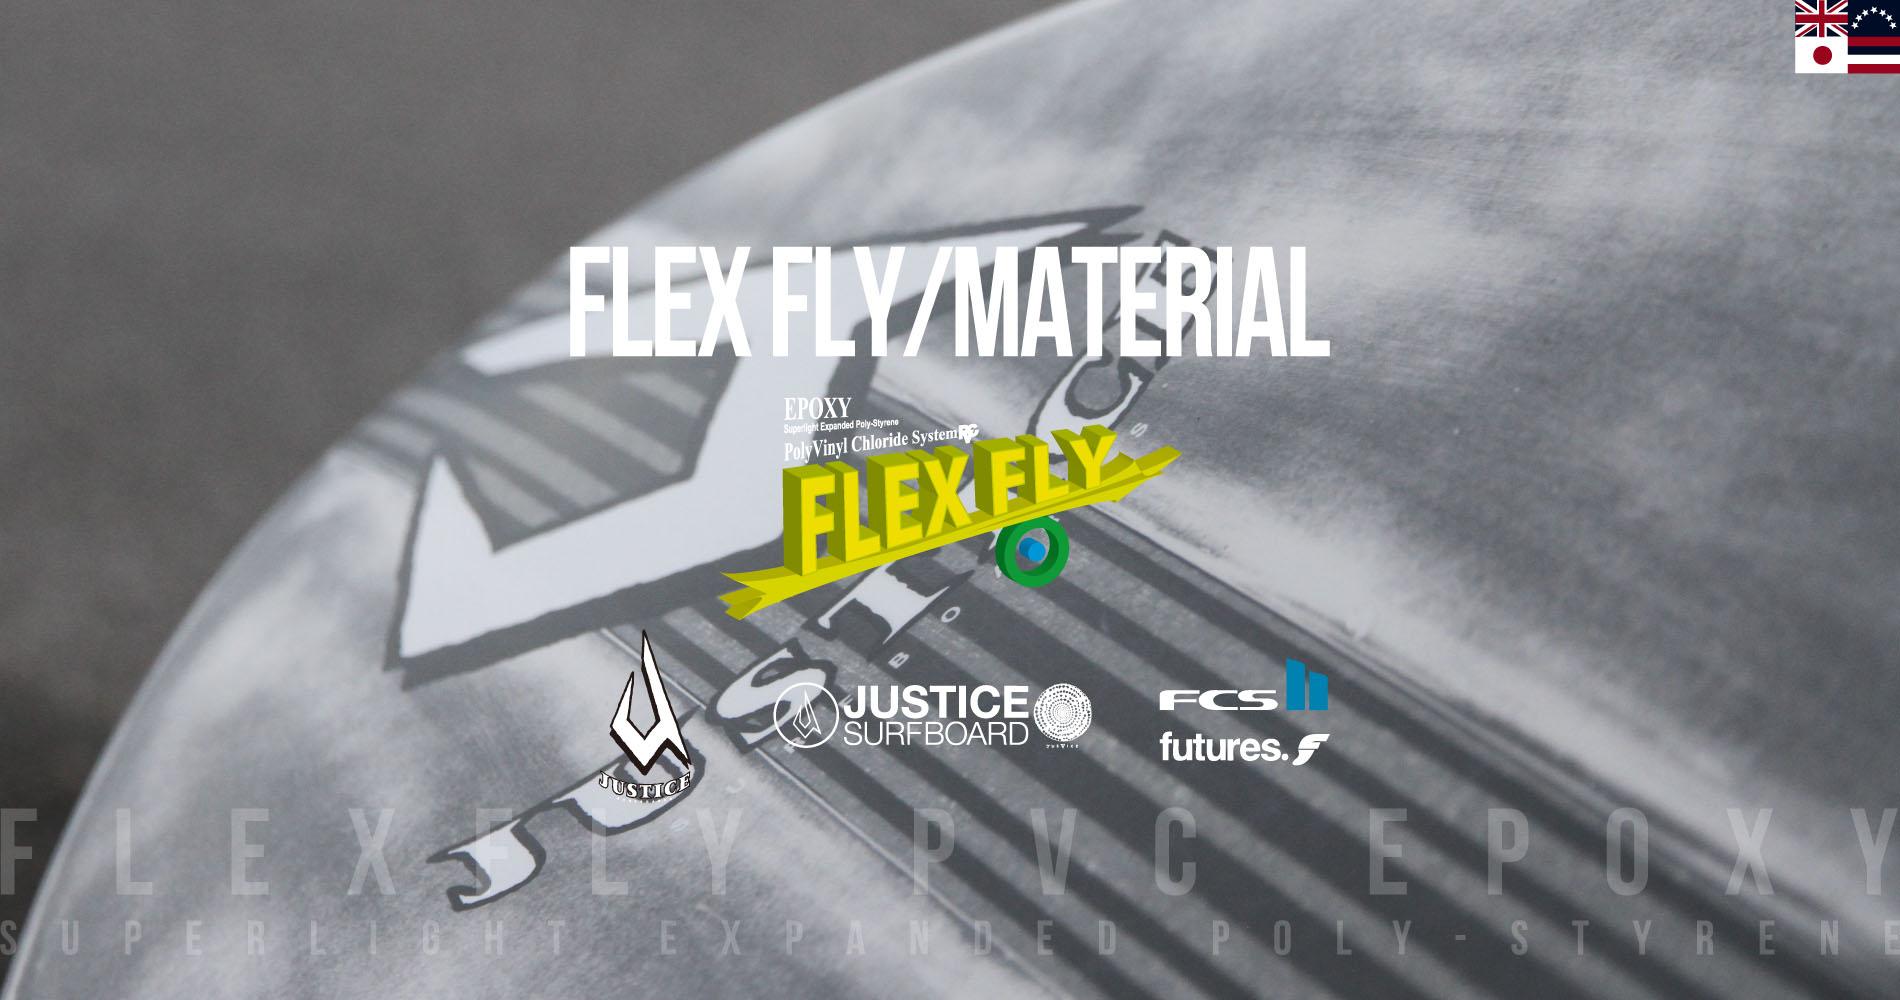 ジャスティスサーフボード 2018 FLEXFLY EPS MATERIAL登場